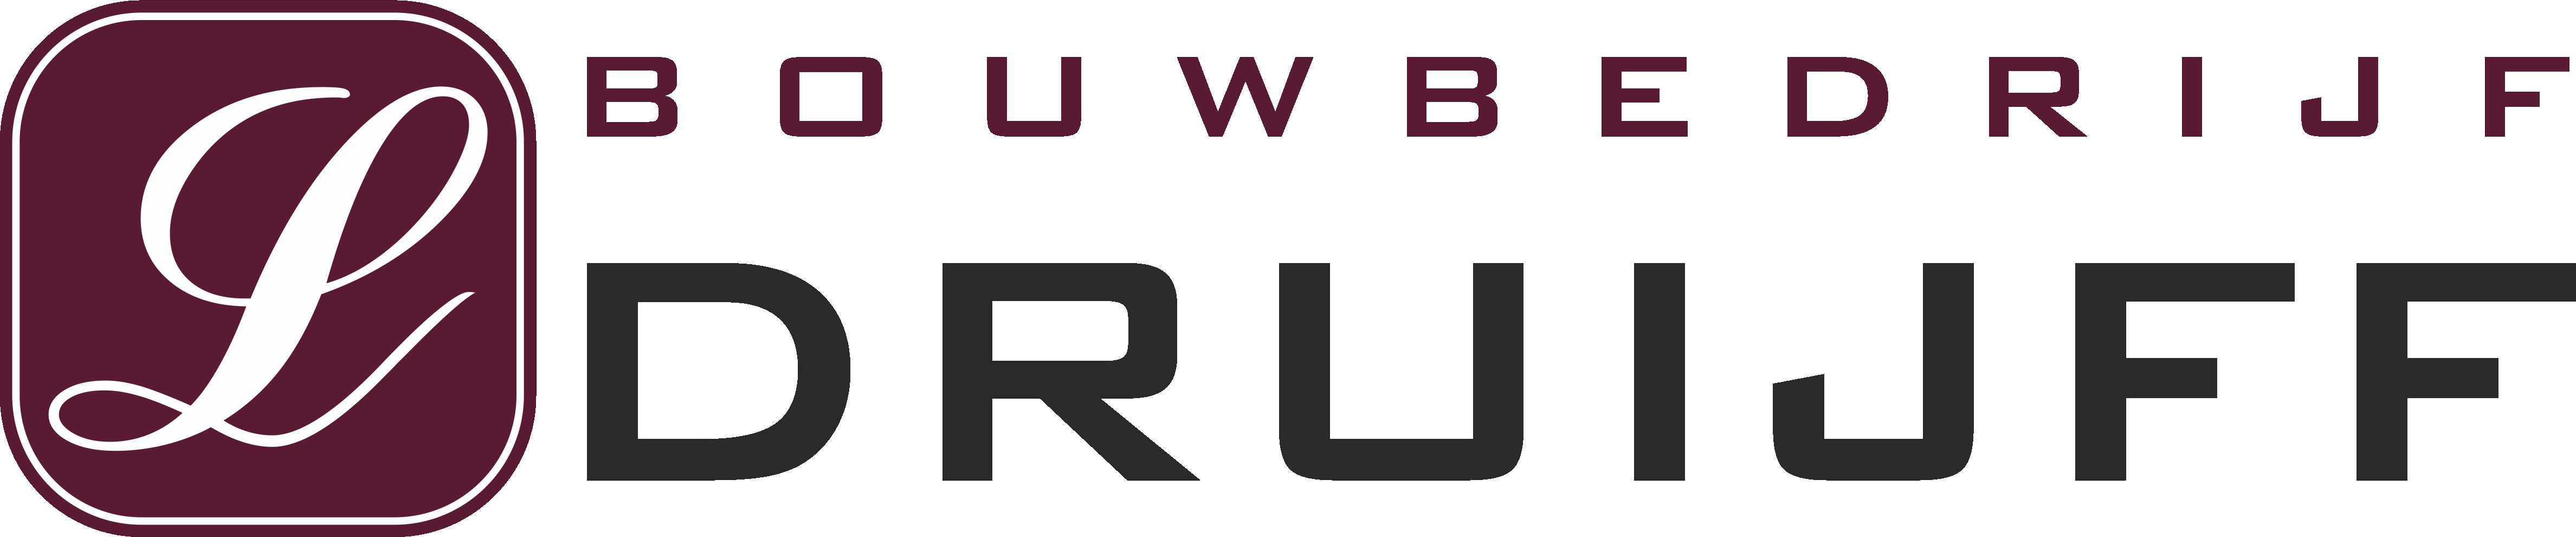 Bouwbedrijf L. Druijff